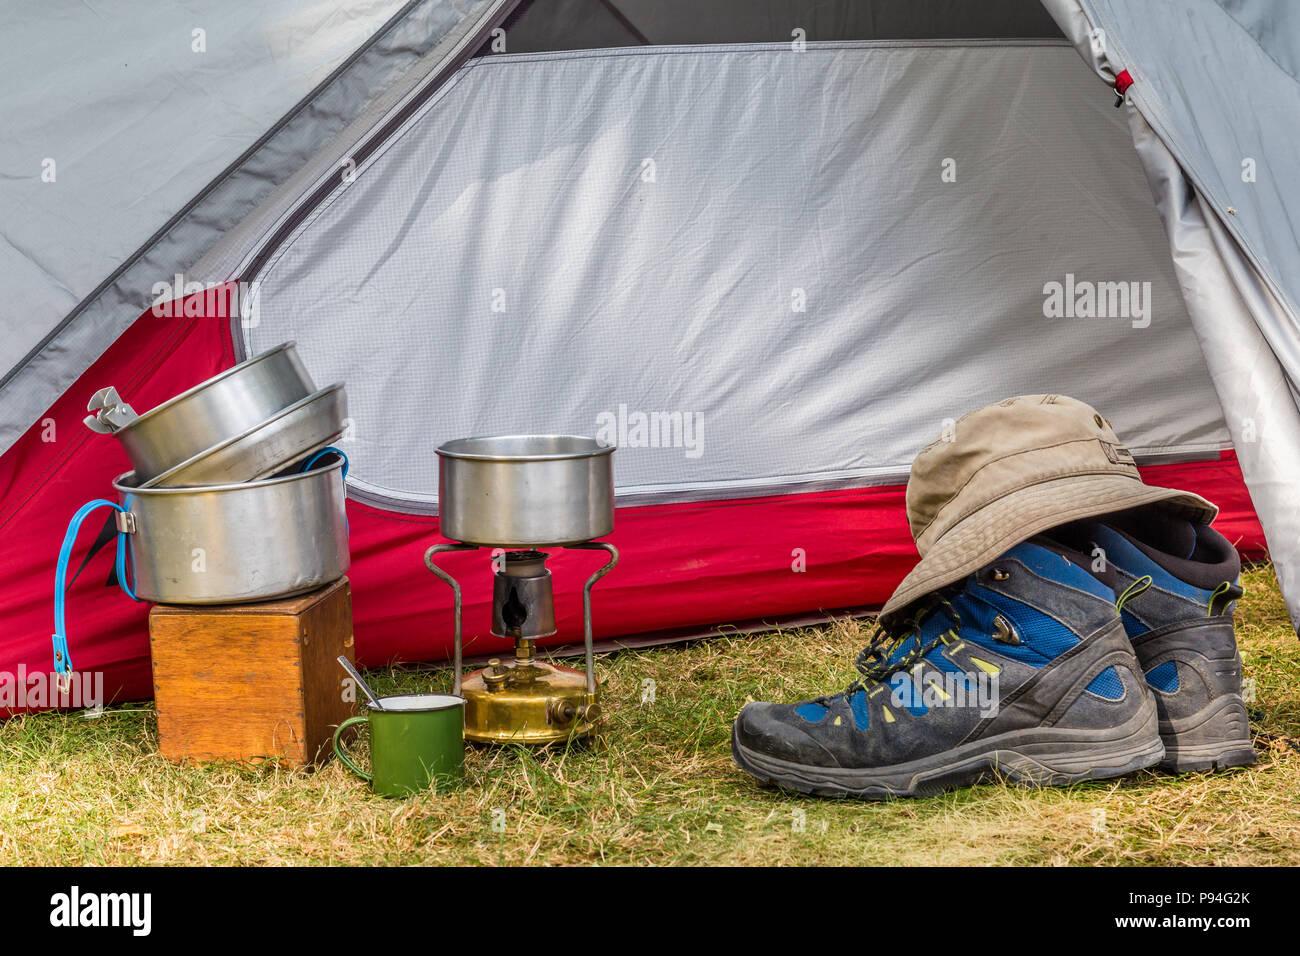 El equipo de cocina en el camping Imagen De Stock